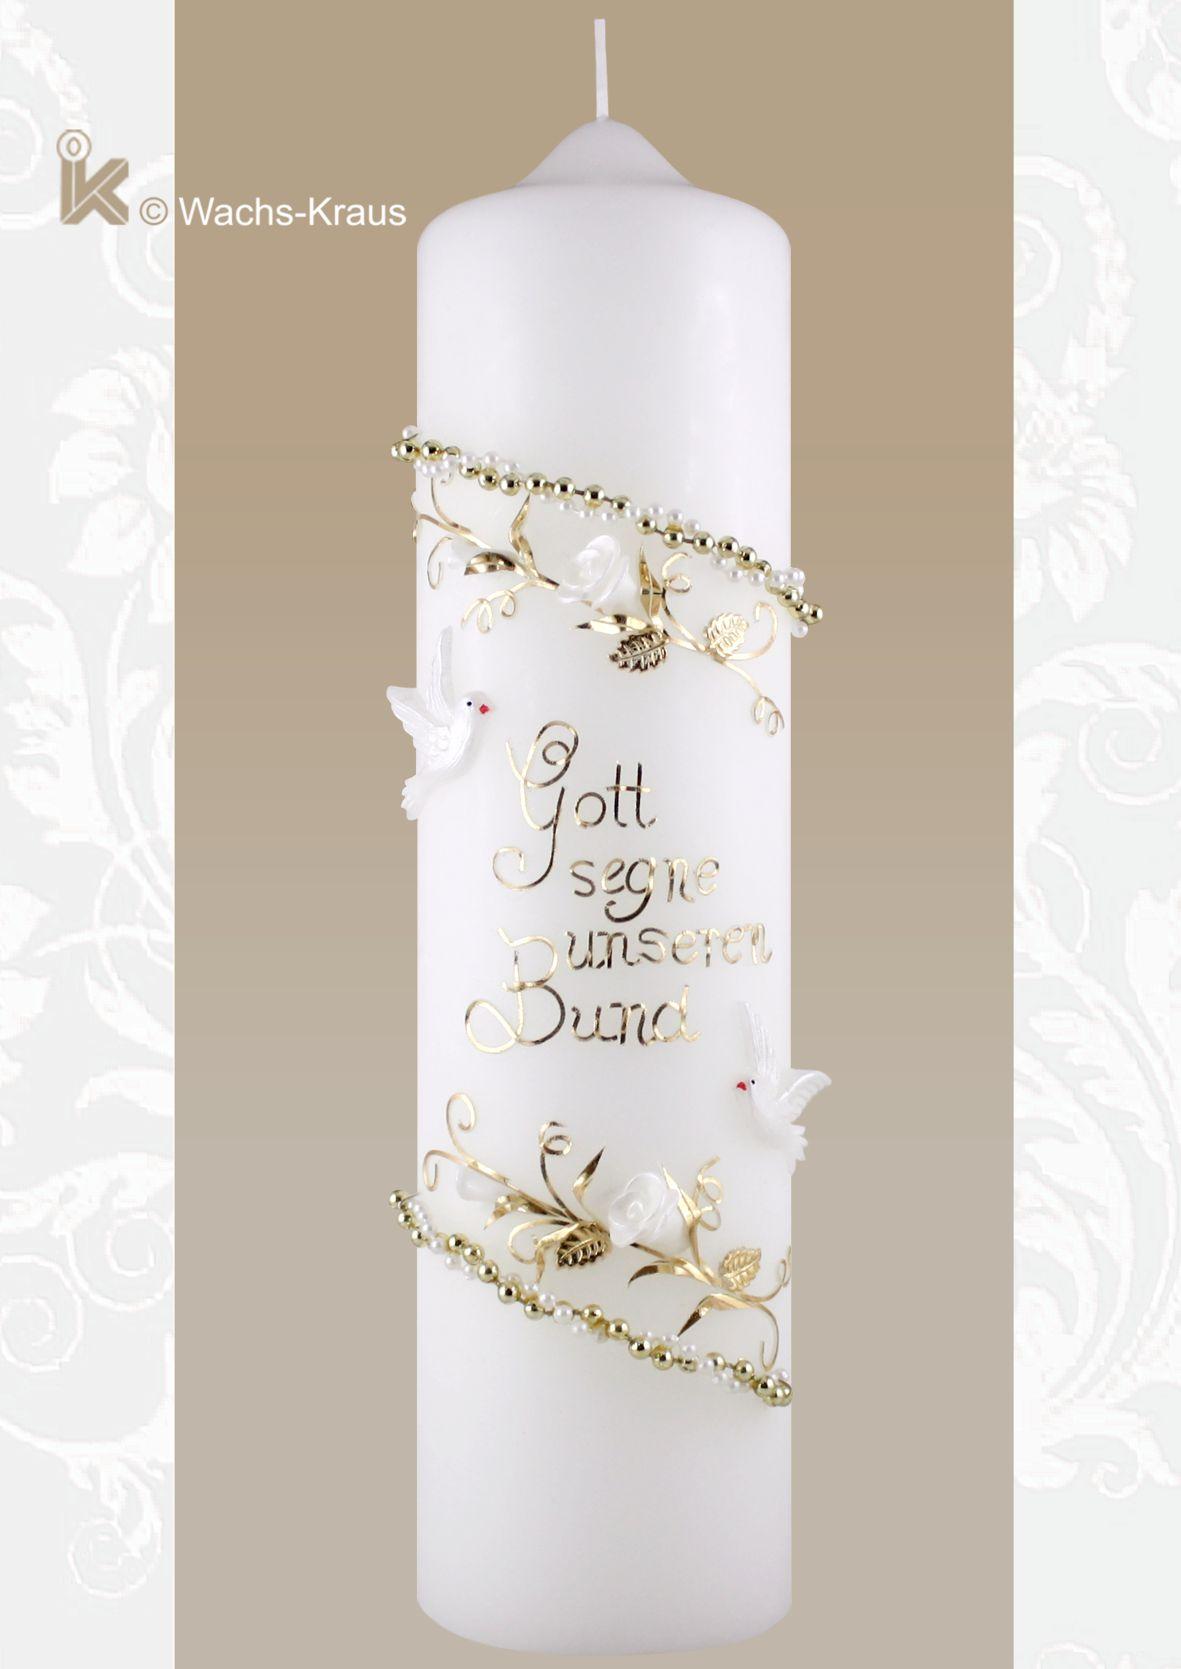 Hochzeitskerze Vintage Style: Gott segne unseren Bund